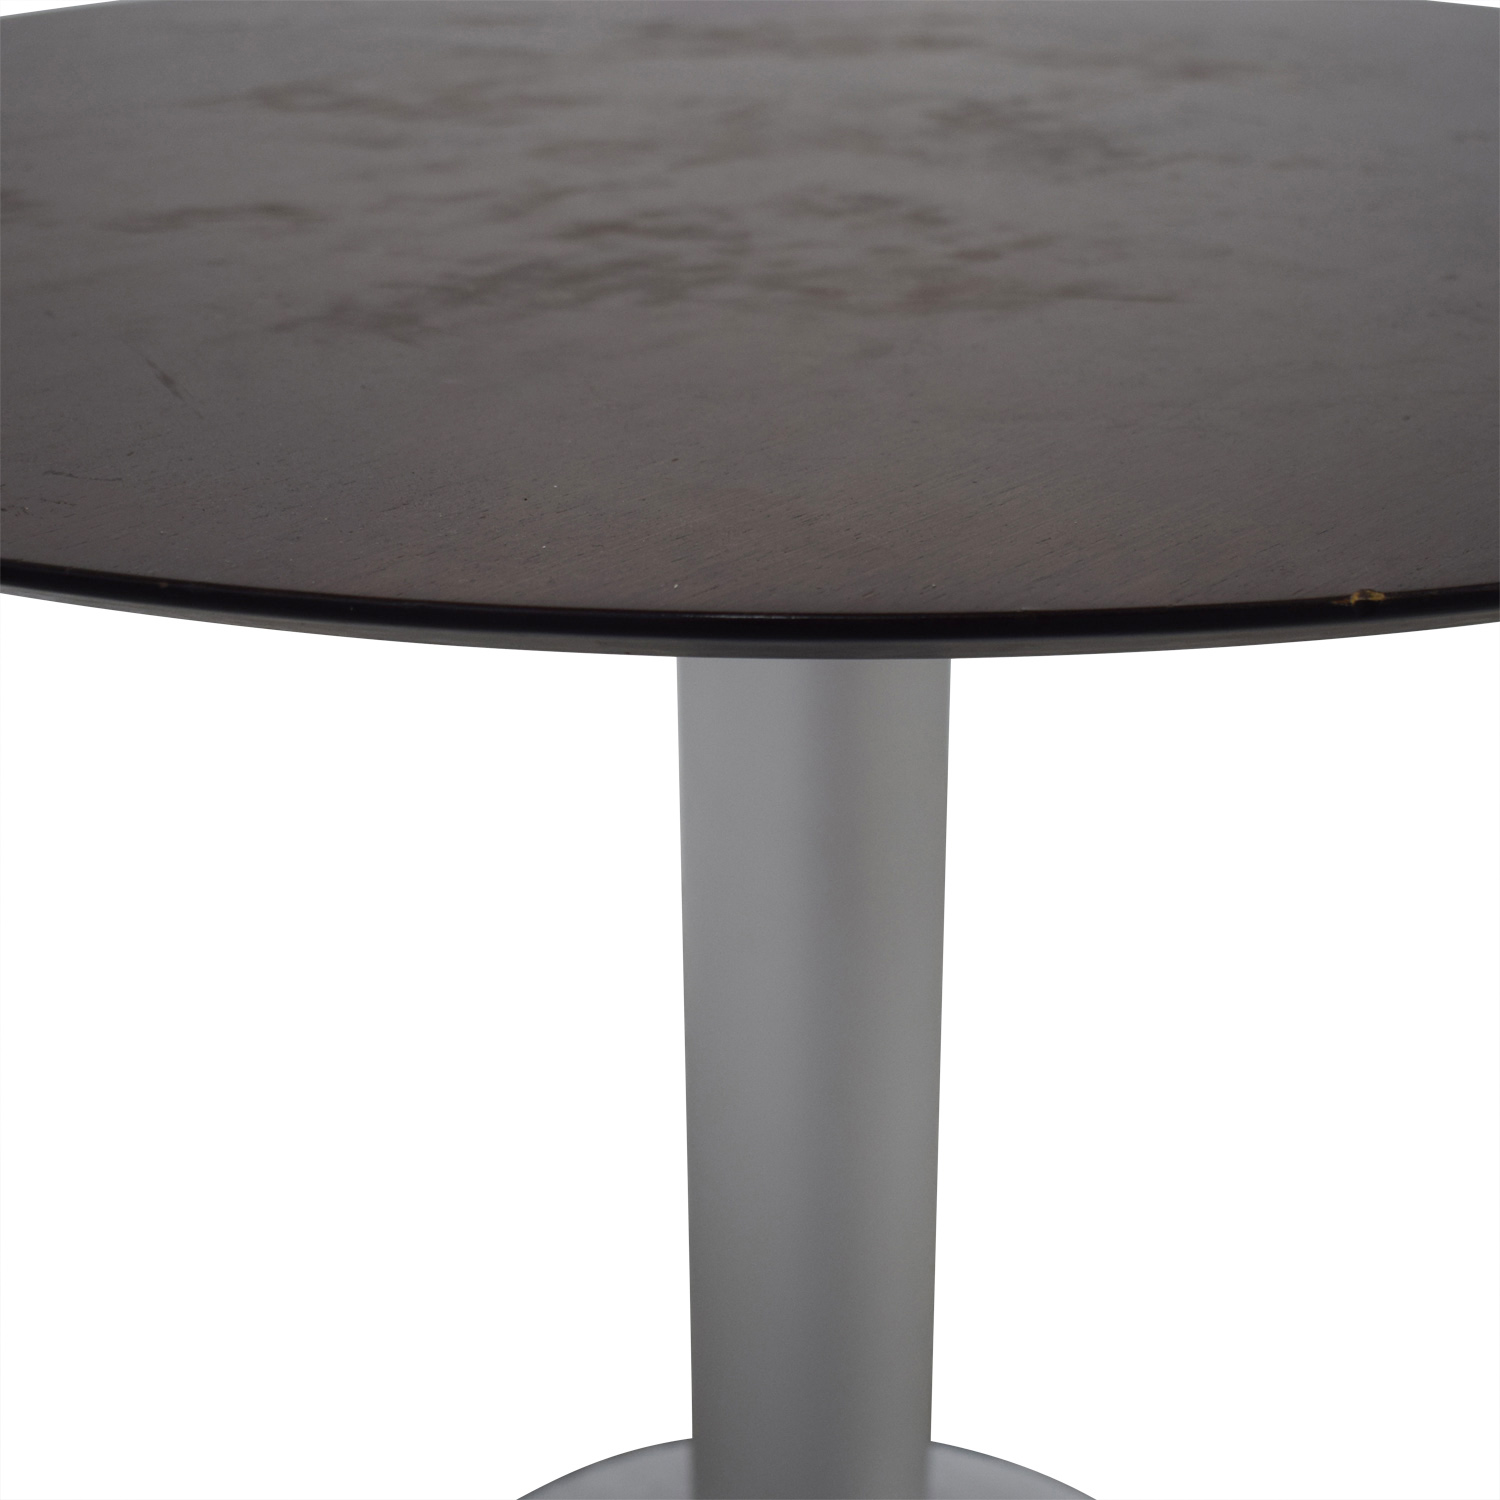 Stua Stua Zero Wood and Chrome Round Table price